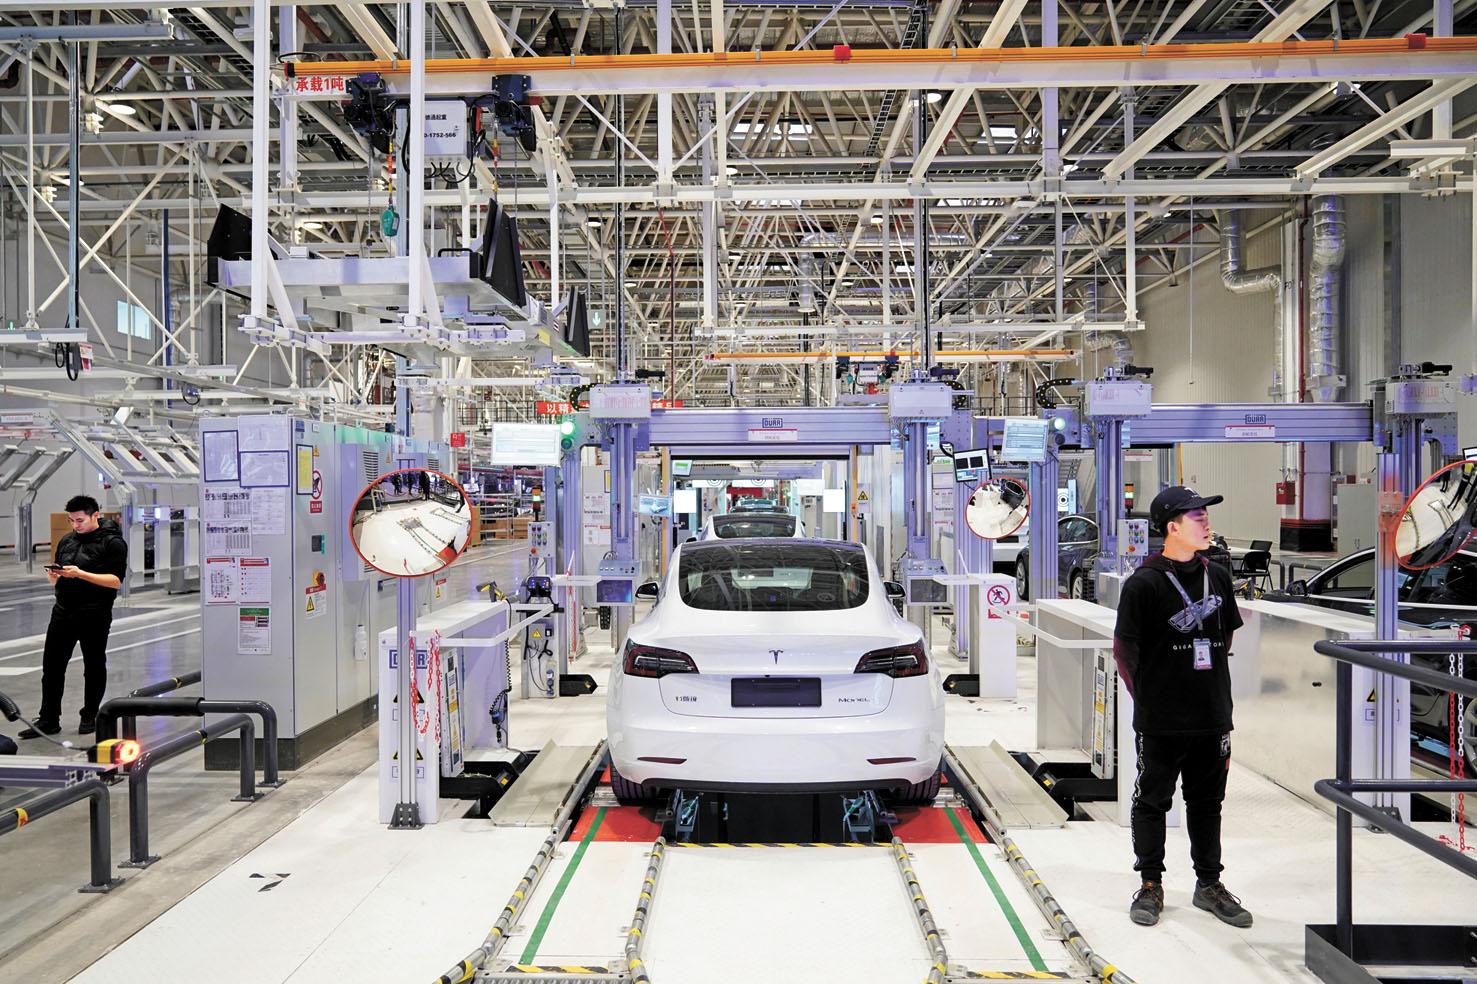 包括特斯拉在內的大型車企控告特朗普政府向超過3000億美元的中國貨徵收關稅,進而影響全球產業鏈布局,圖為特斯拉在上海的工廠。路透社資料圖片